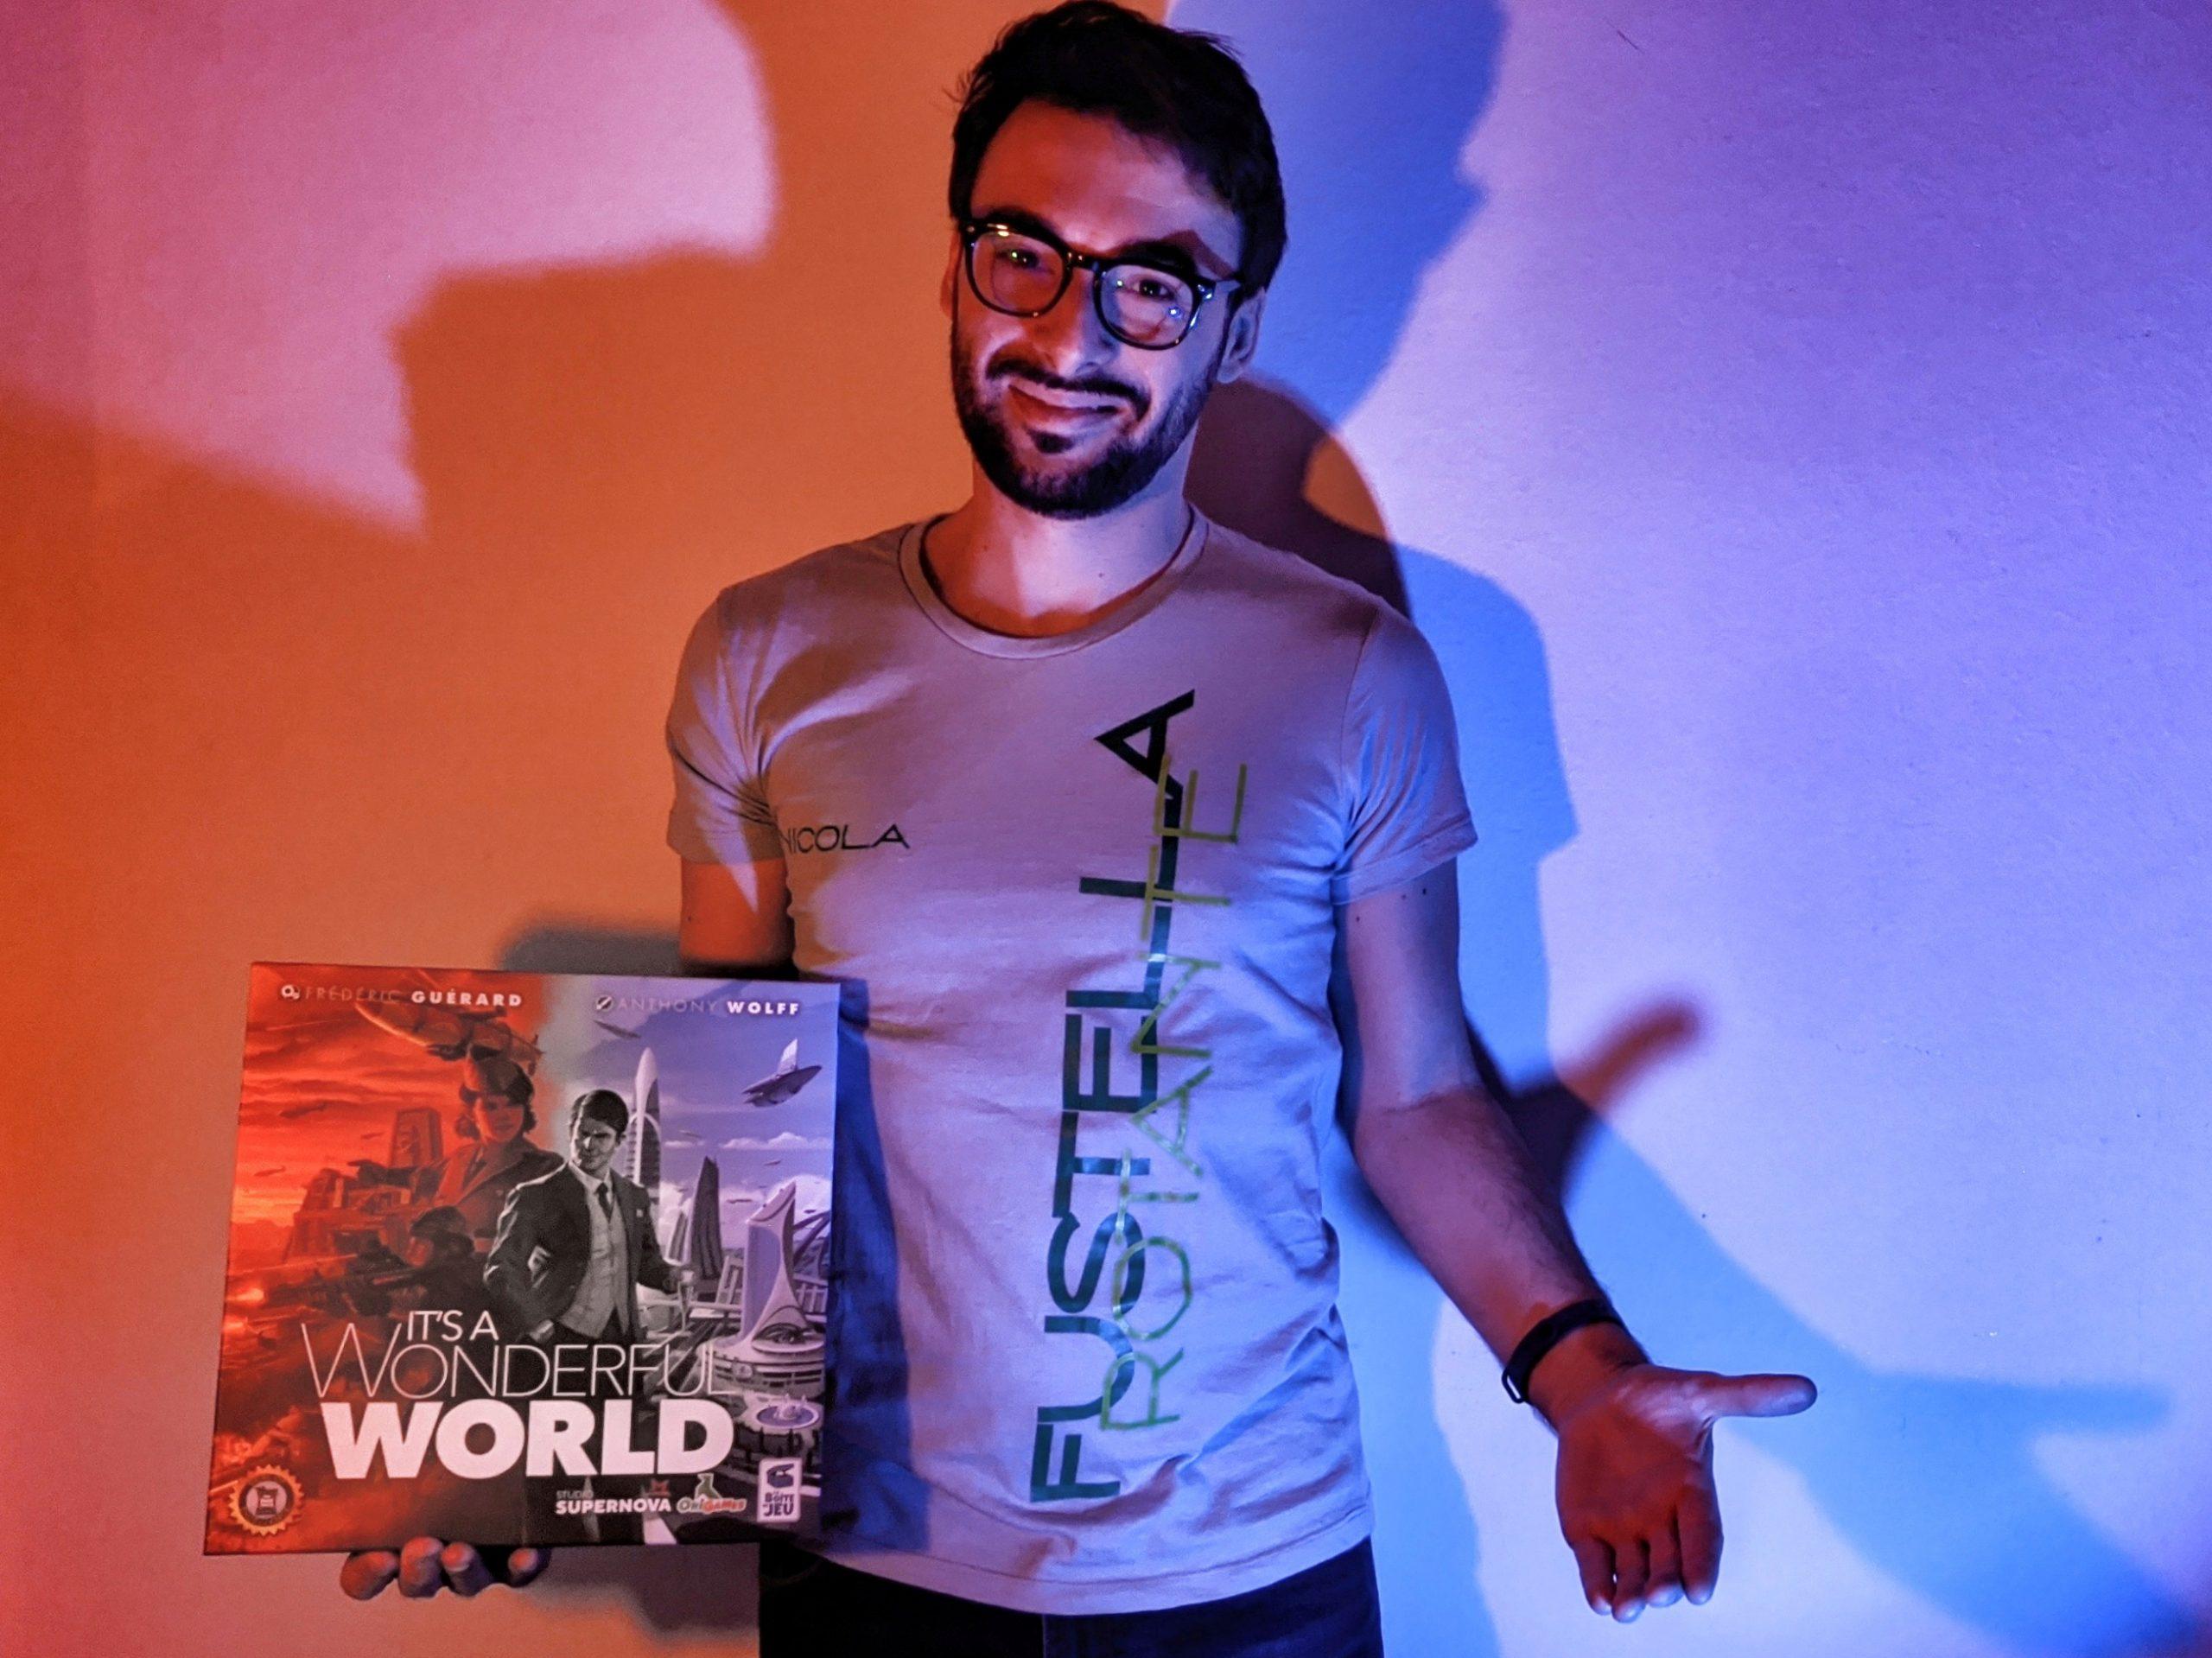 Nicola Mosca con la scatola di It's a Wonderful World